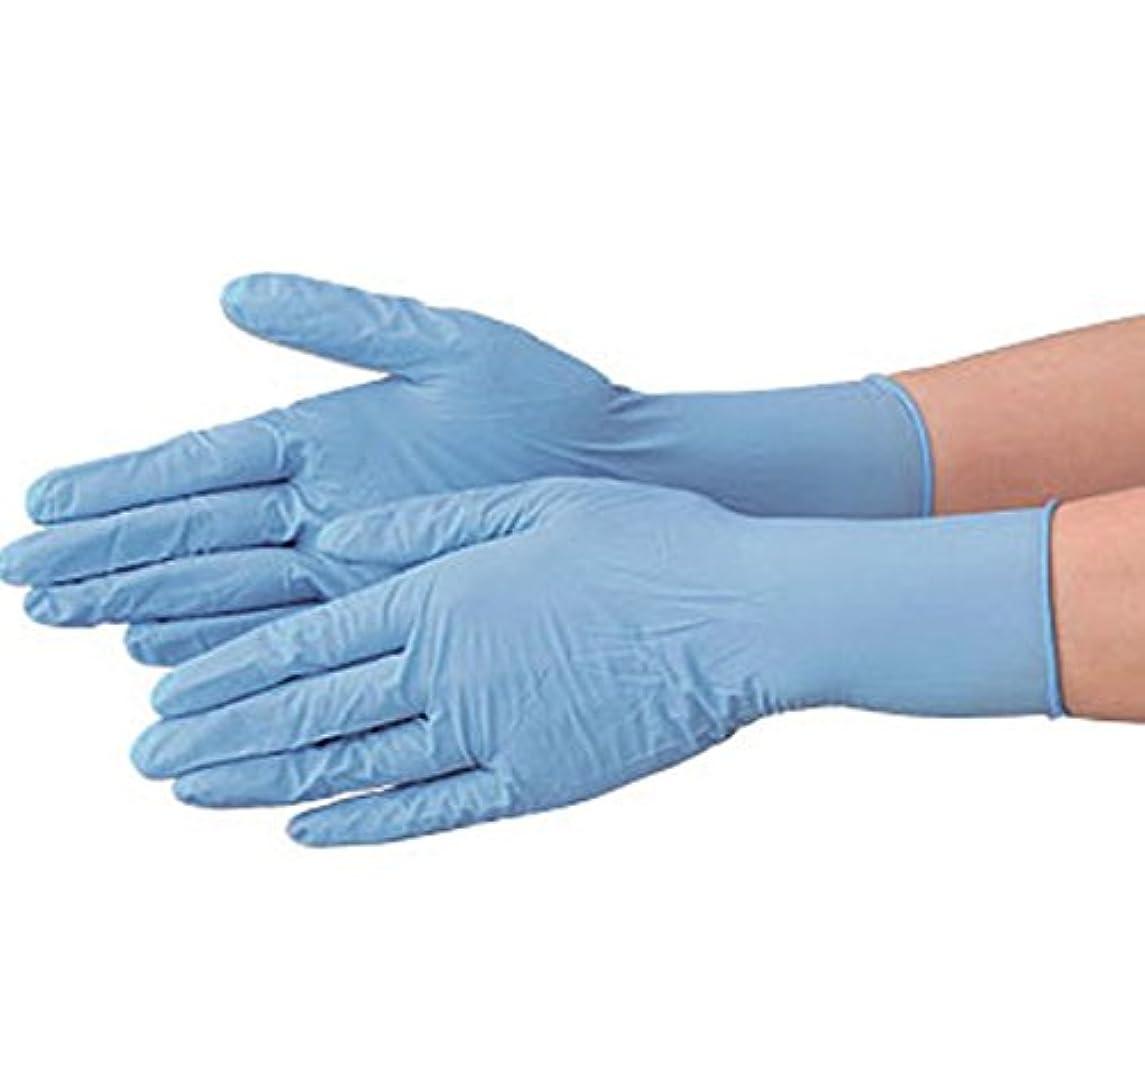 プランターミンチわずかに使い捨て 手袋 エブノ 573 ニトリルNEOプラス ブルー Mサイズ パウダー付き 2ケース(100枚×40箱)